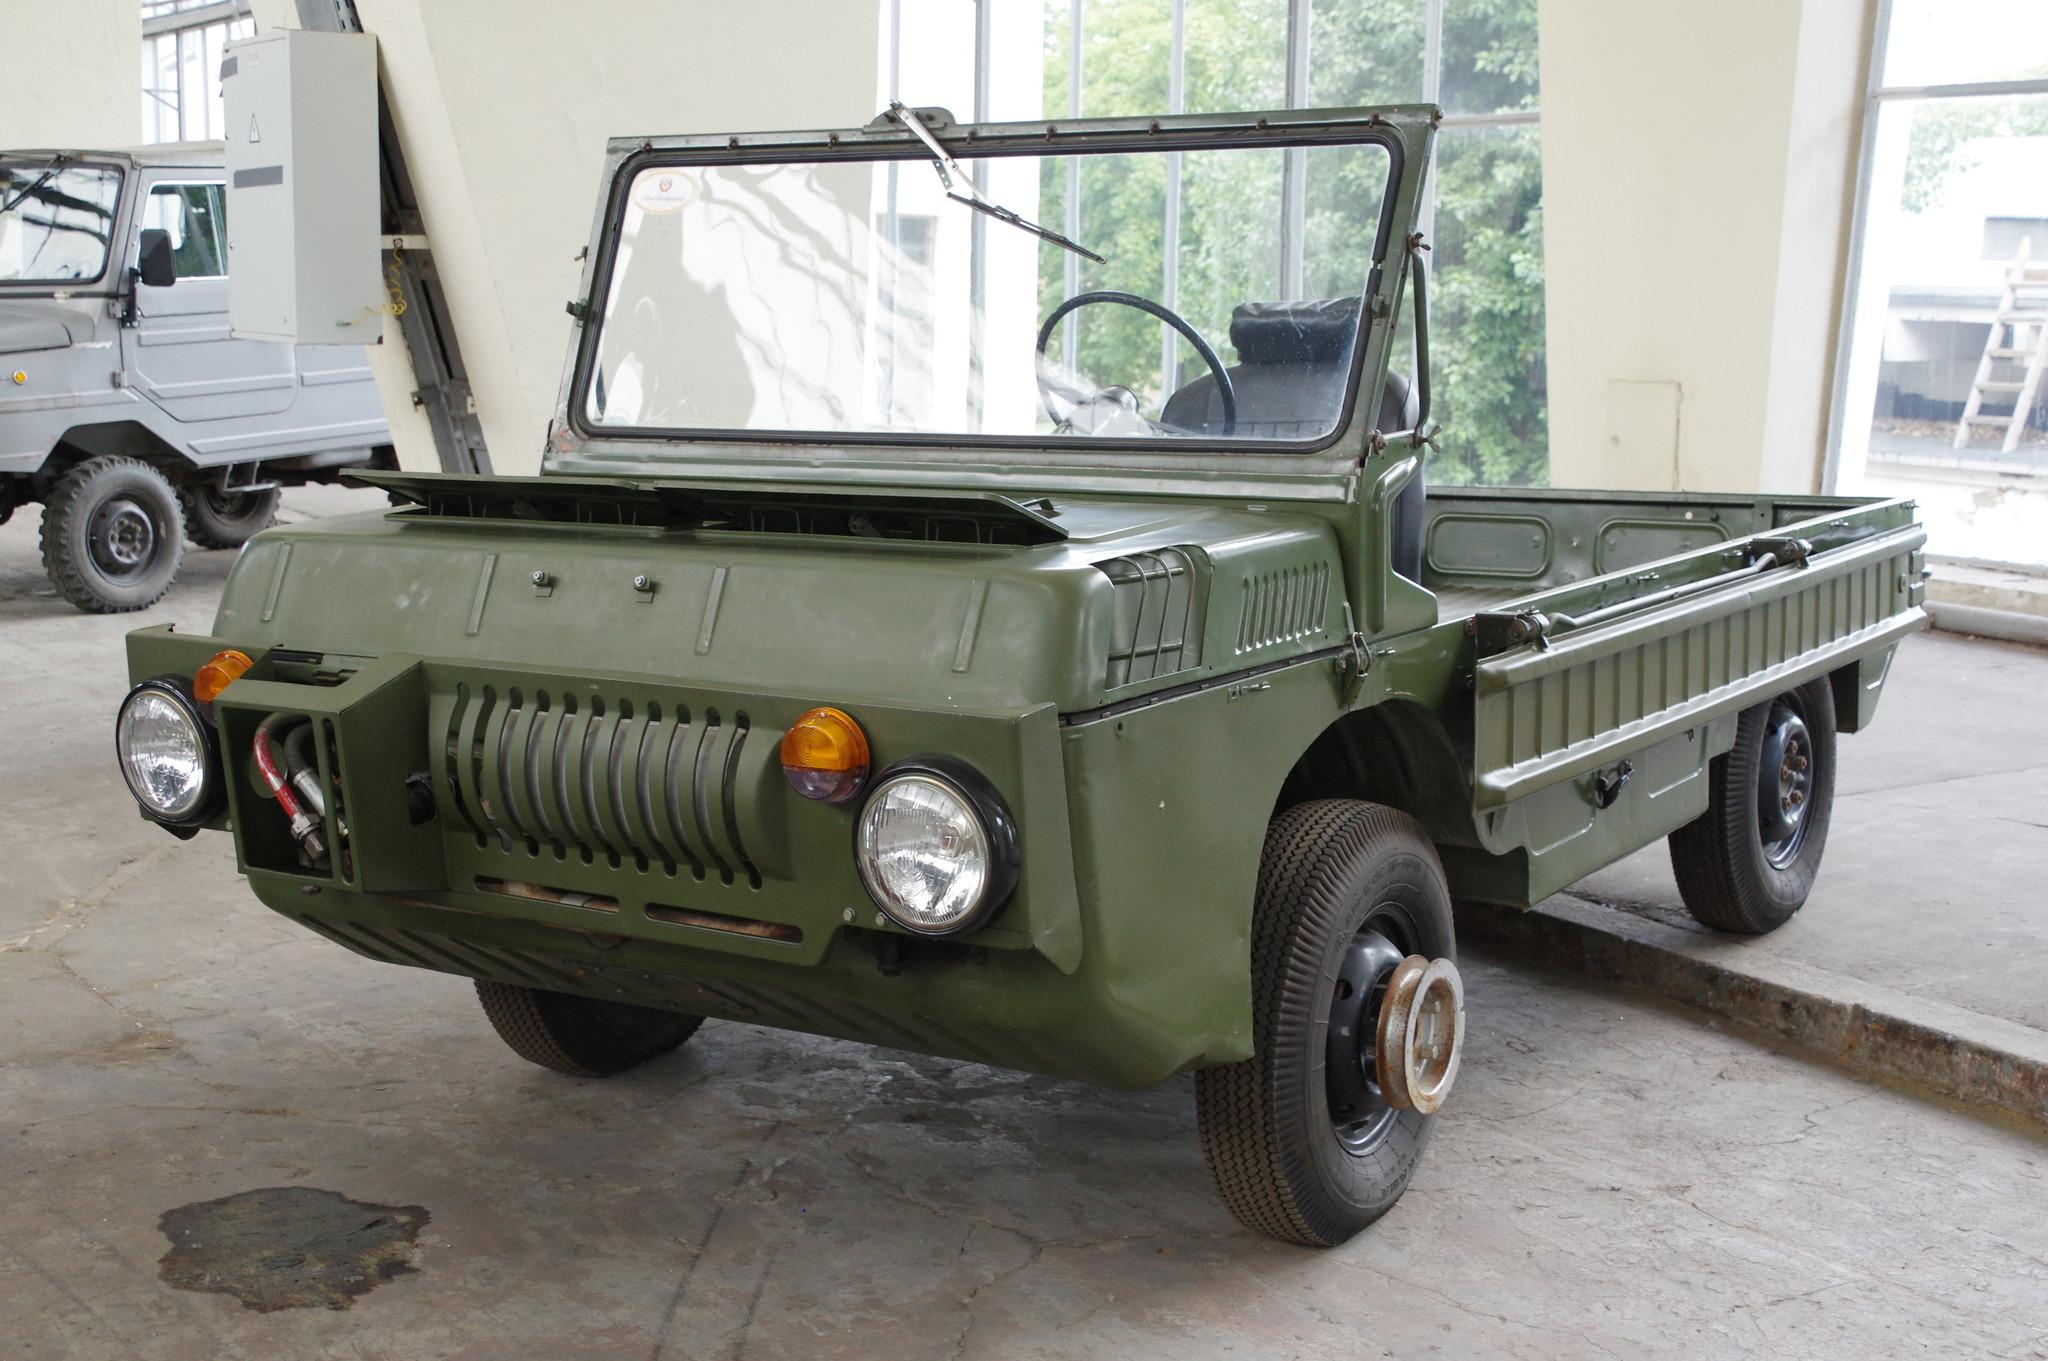 Транспортёр переднего края (гражданское обозначение ЛуАЗ-967)